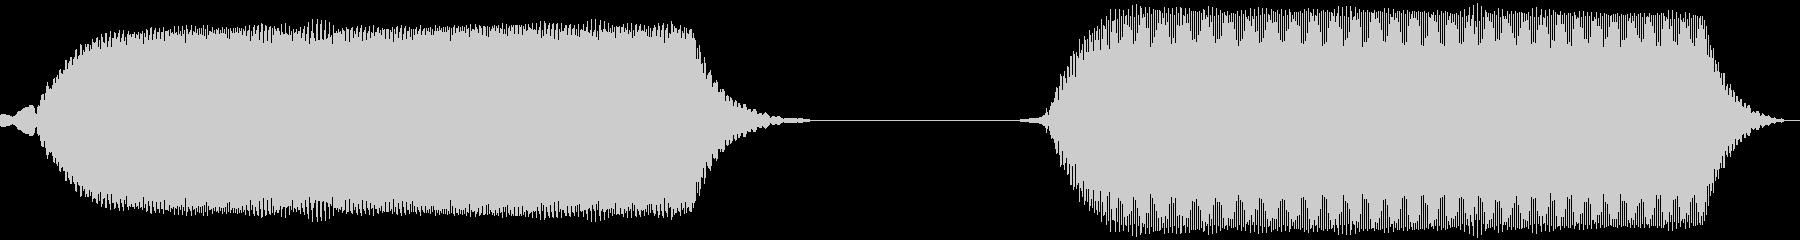 携帯電話のバイブレーションの未再生の波形